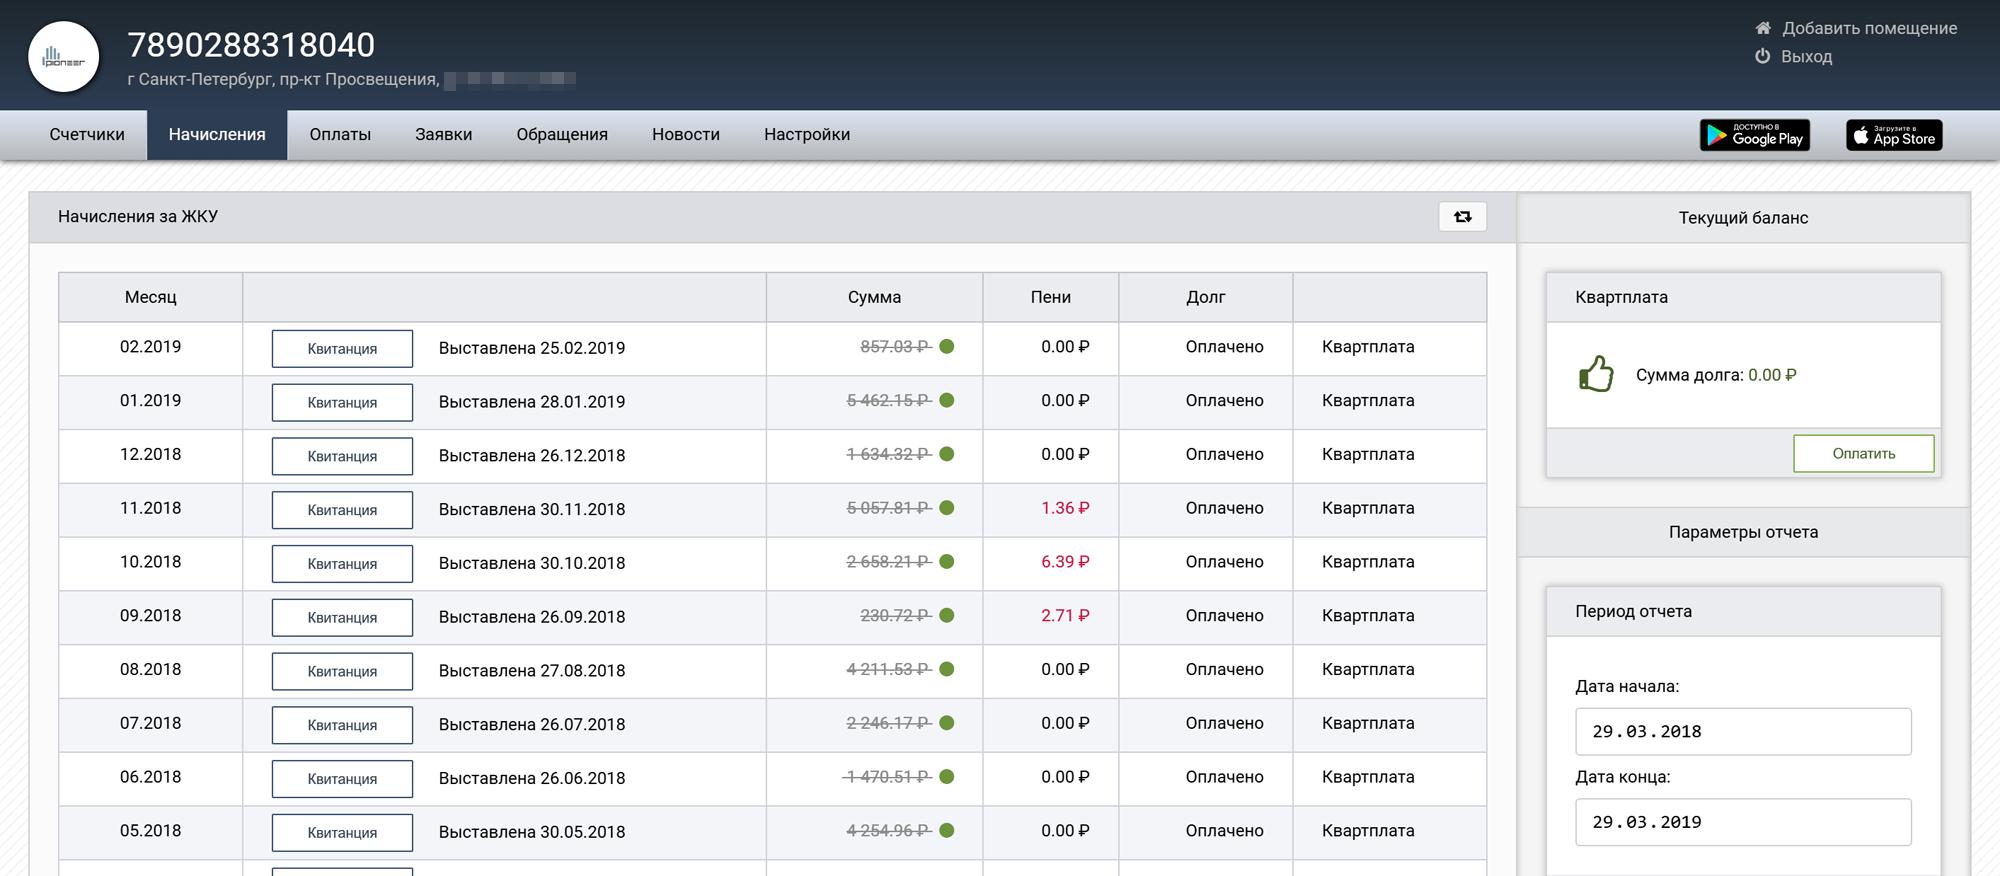 Информация о задолженности в личном кабинете на сайте управляющей компании Санкт-Петербурга